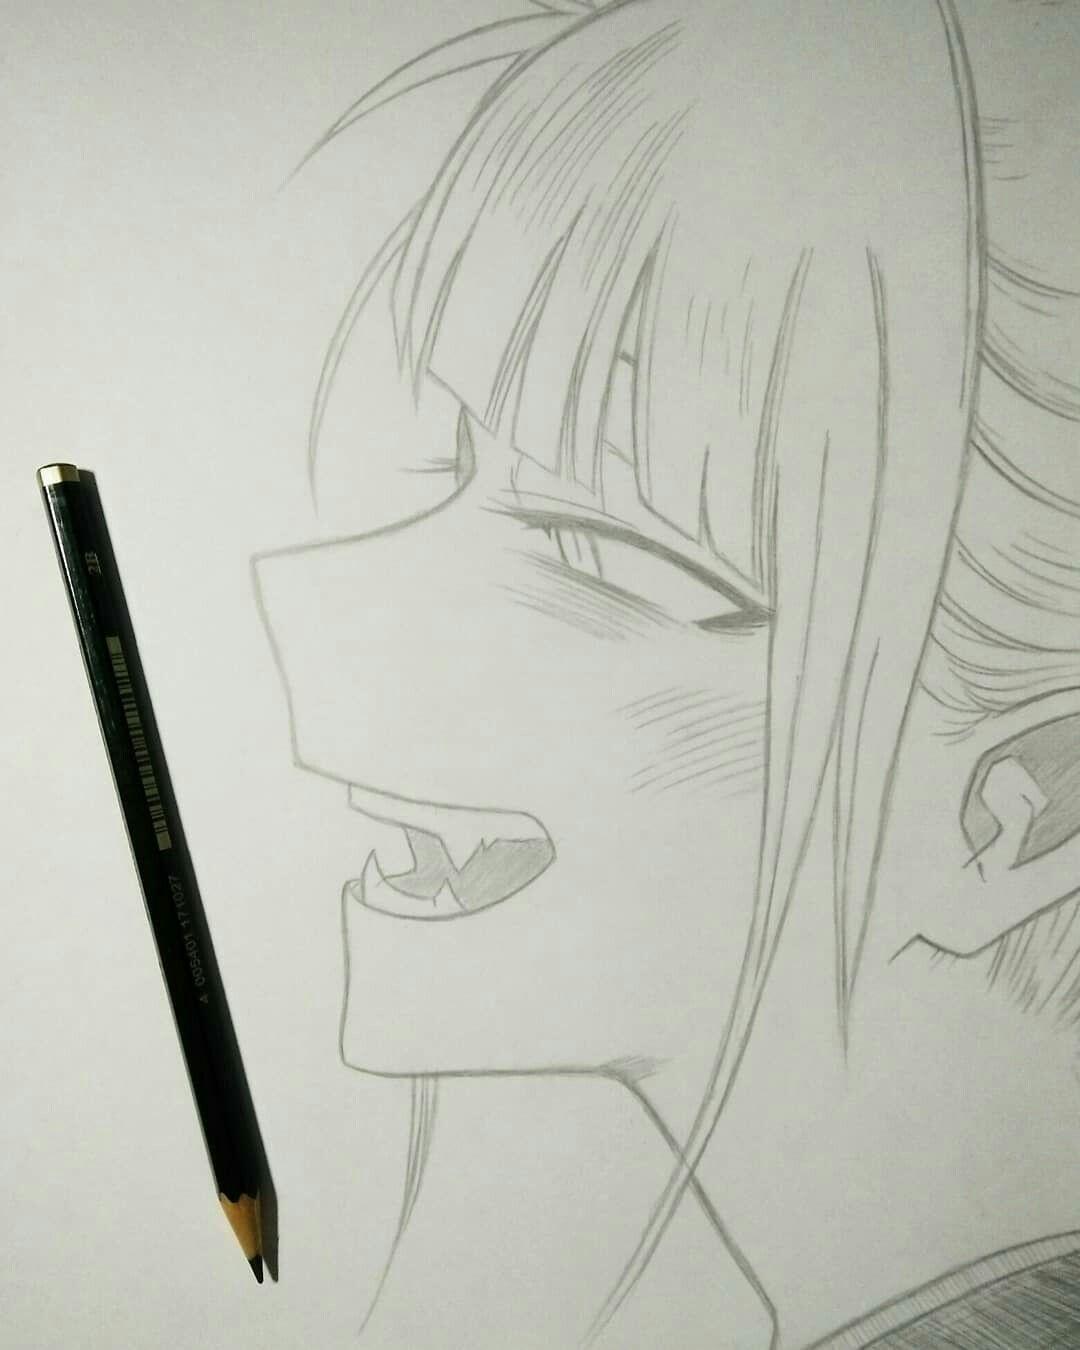 Himiko Toga Em 2020 Desenho De Olho De Anime Vampiro Desenho Tumblr Desenhos Faceis